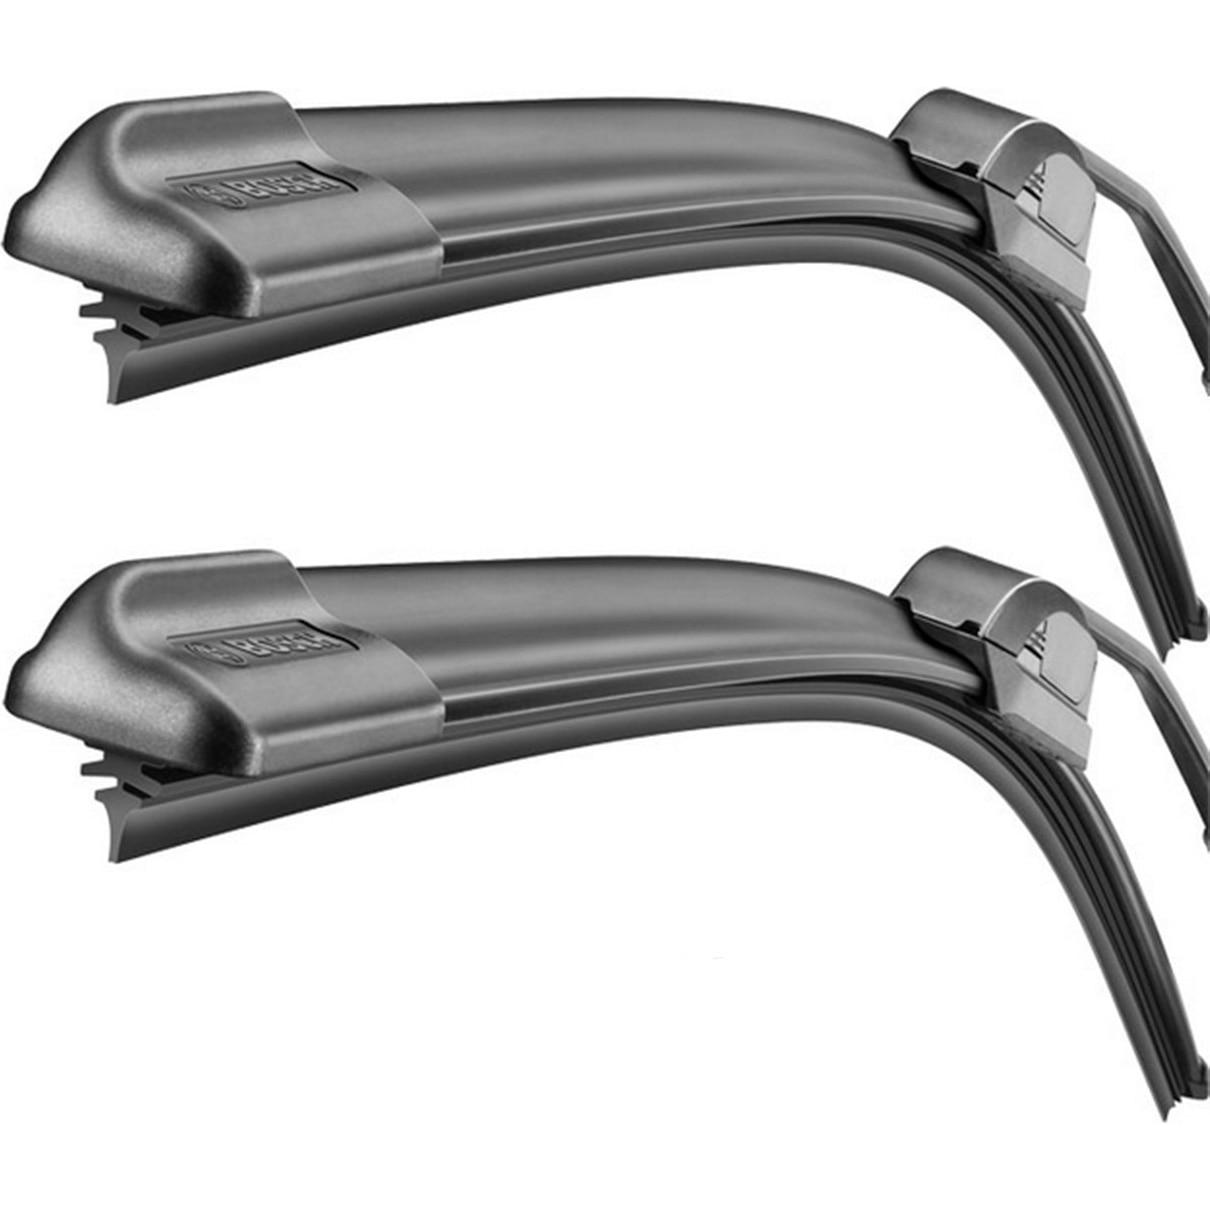 Fotografie Set stergatoare Bosch AeroTwin Retrofit, pentru parbriz 47.5 cm si 42.5 cm, pentru prindere clasica (carlig)